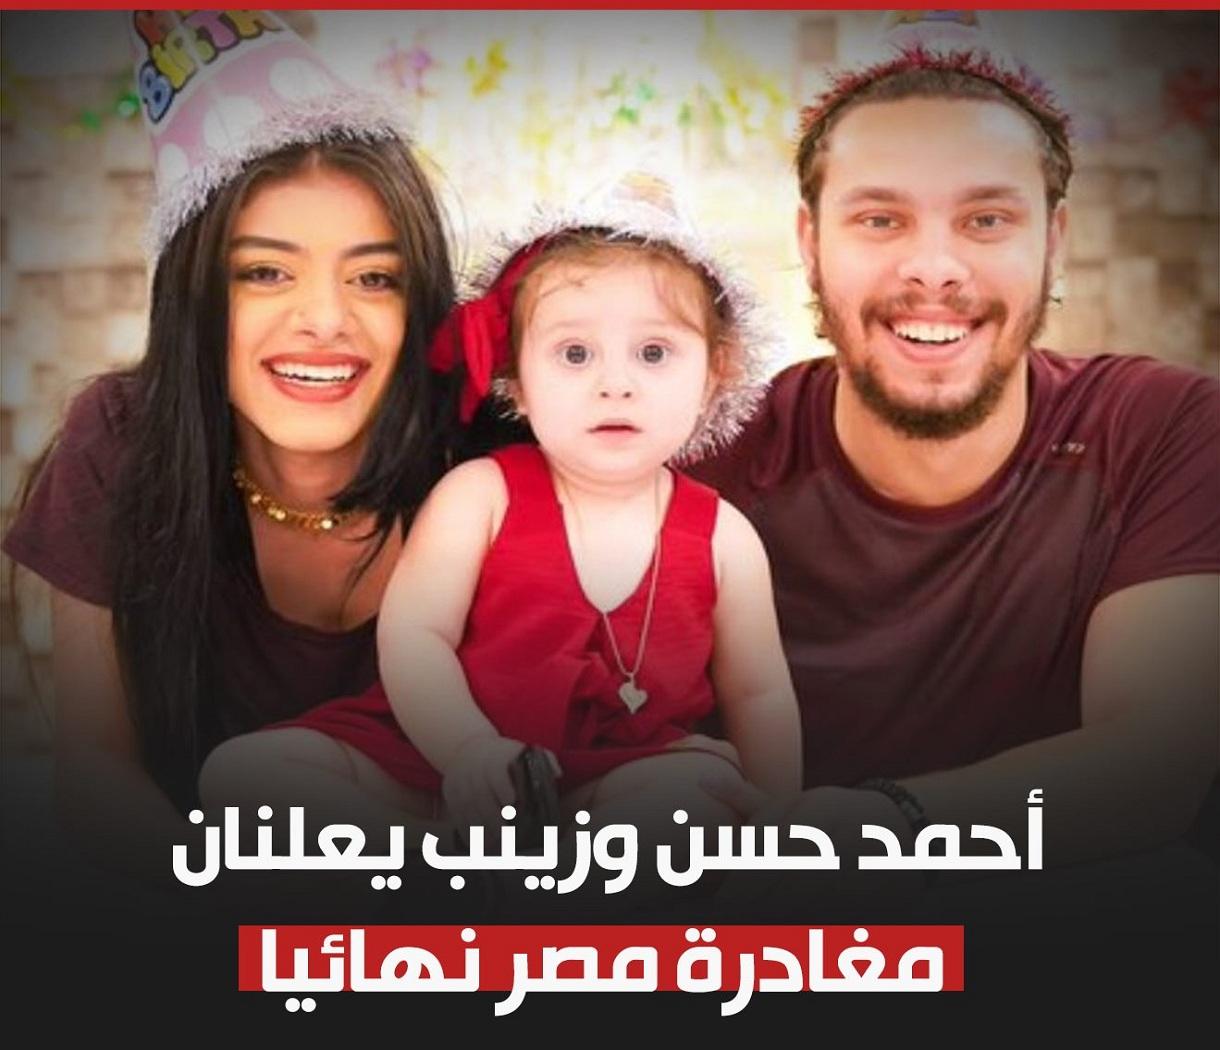 بالفيديو والصور.. أحمد حسن وزينب يودعان عائلتهما بالدموع ويعلنان بشكل مفاجئ مغادرتهما لمصر نهائياً